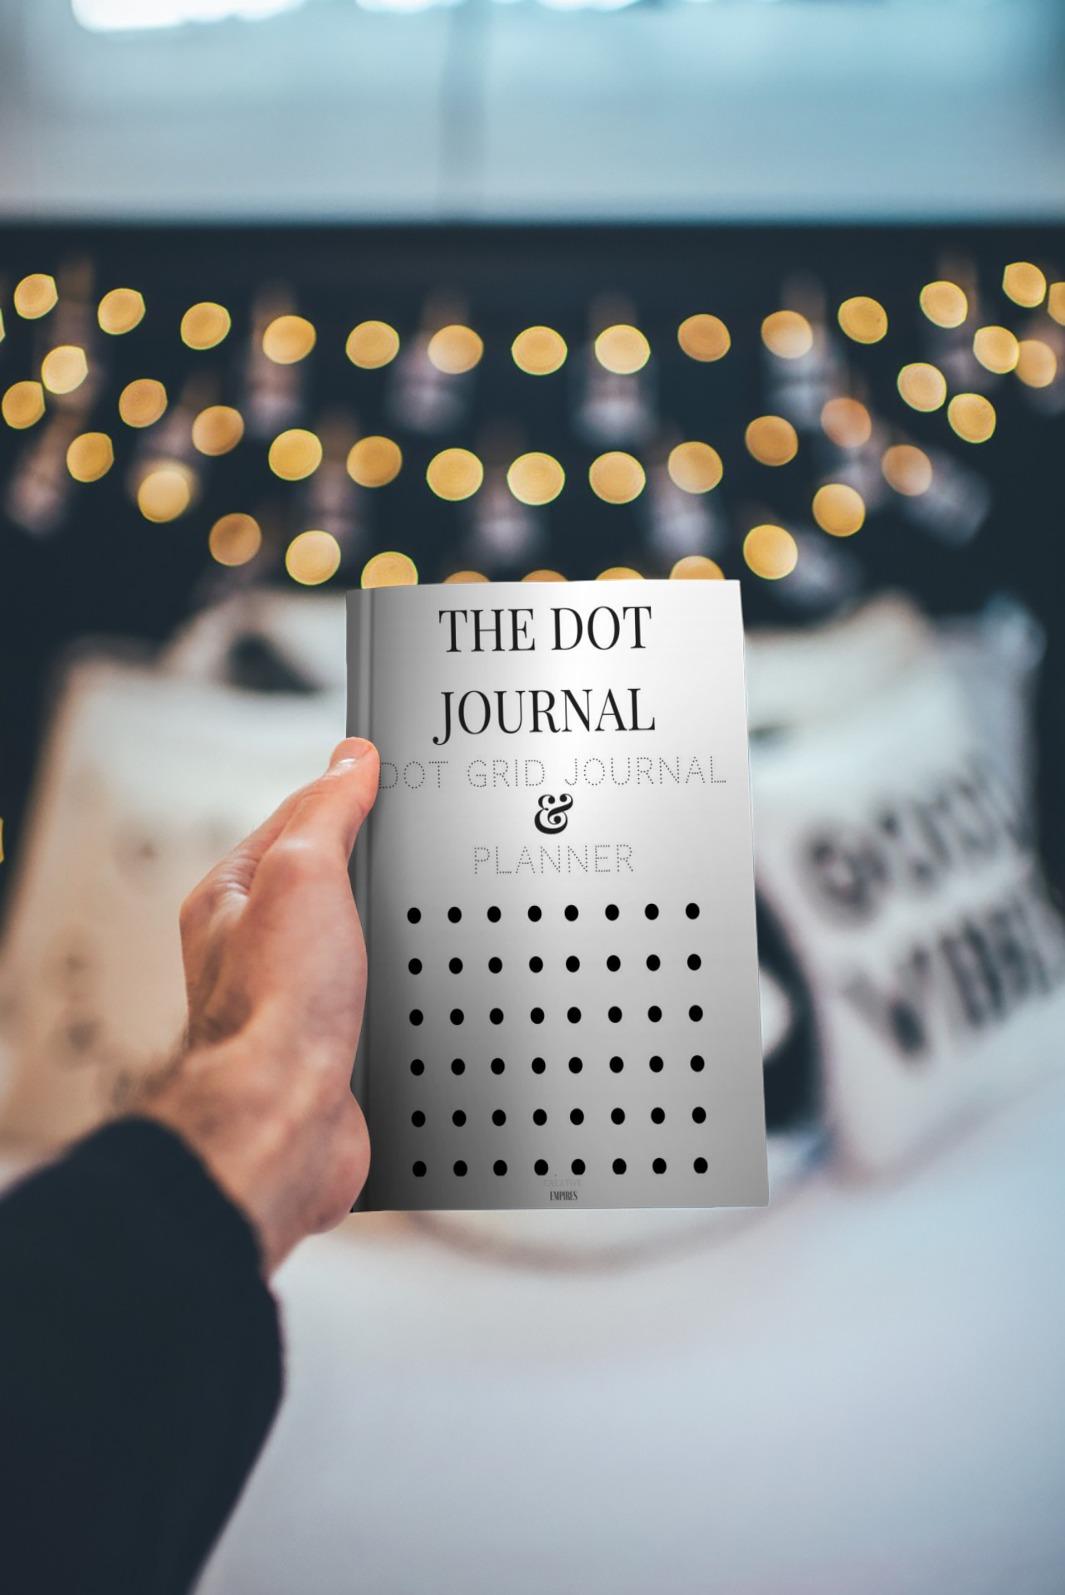 The Dot Journal 7